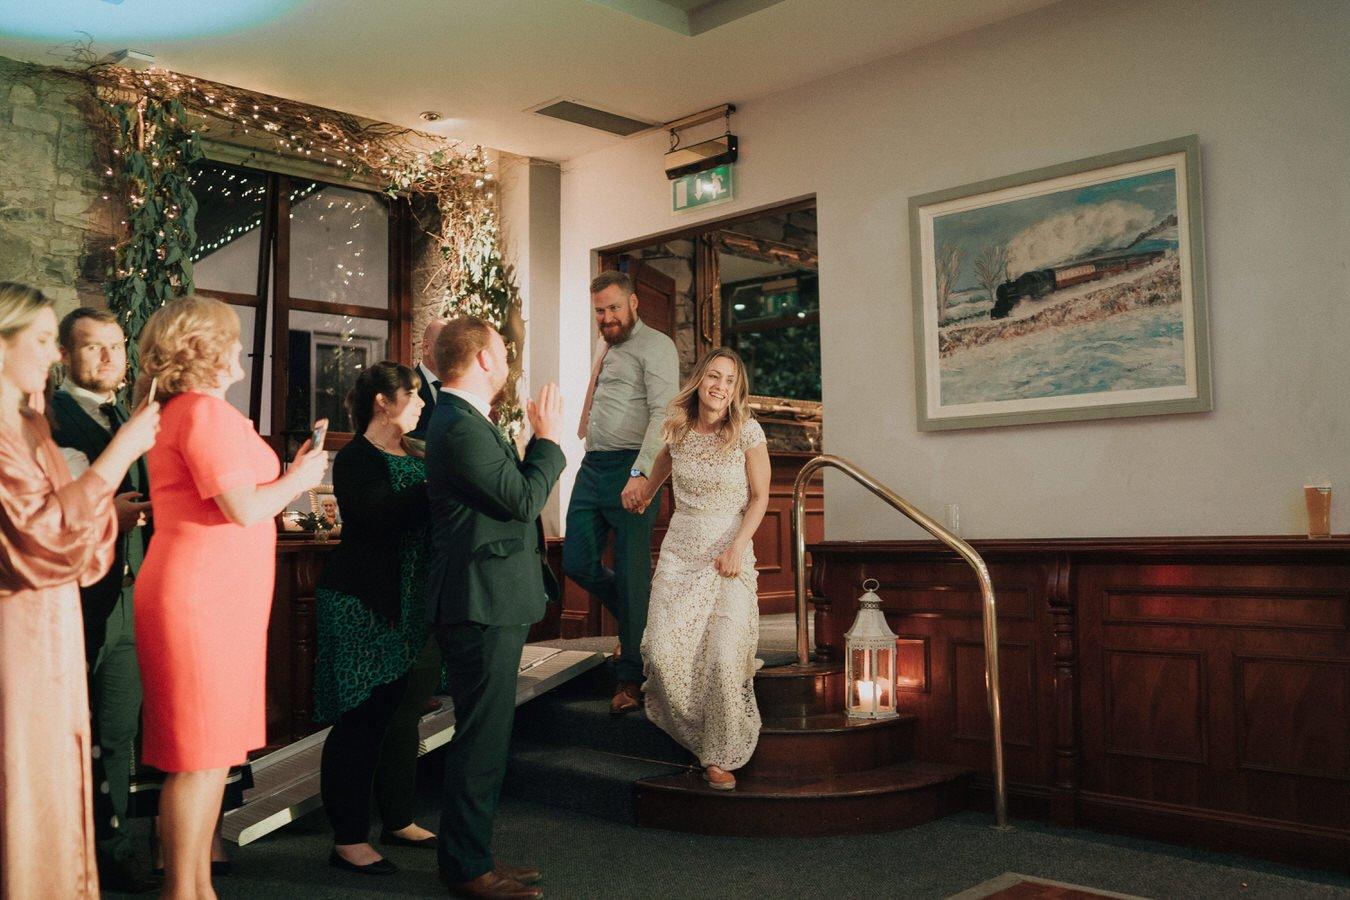 The-Station-House-wedding-Dublin-photographer- 0169 166